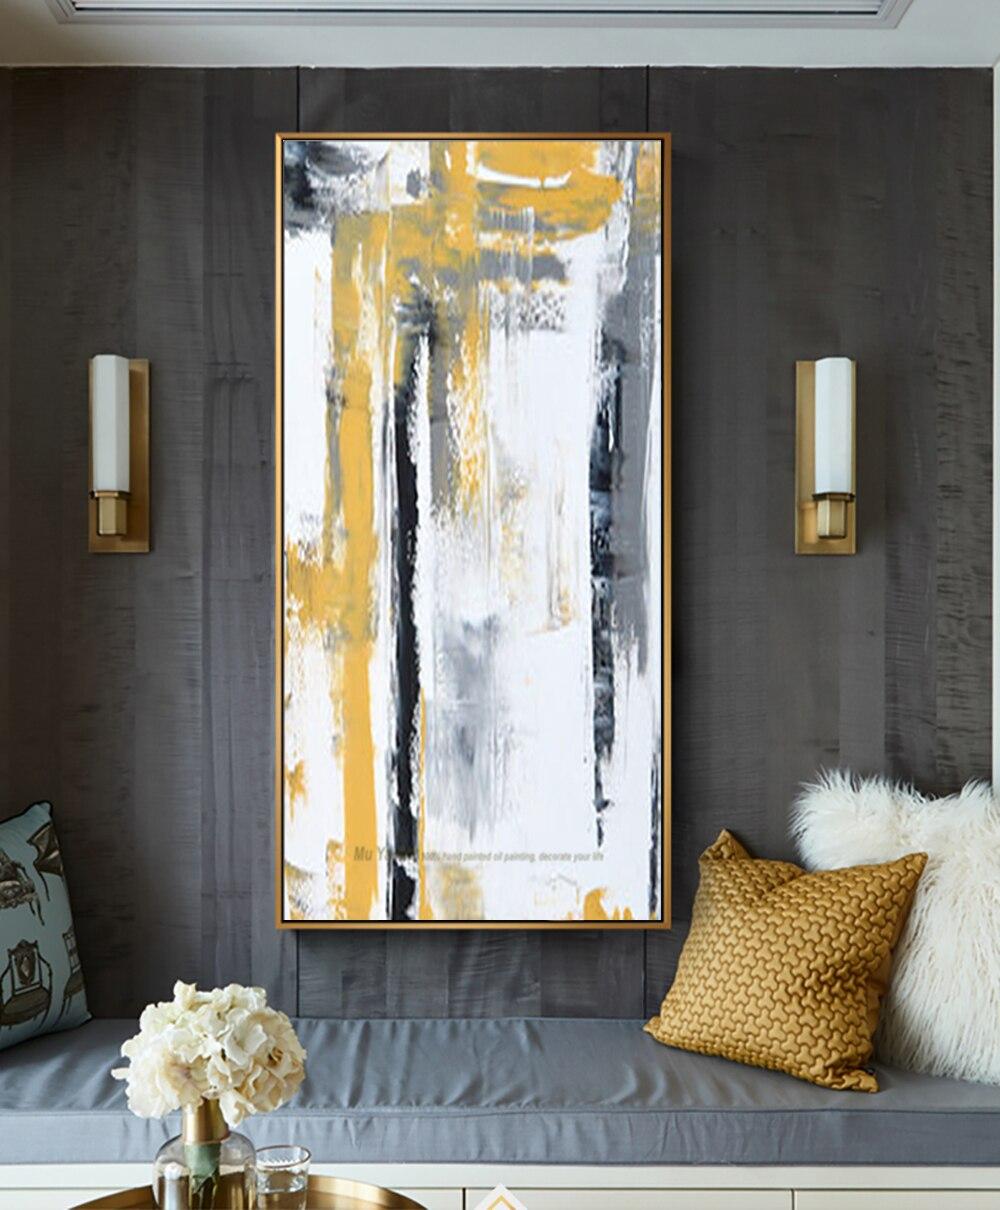 39 13 14 De Réduction Abstrait Moderne Peint à La Main Toile Décorative Mur Photo Cuadro Decorativo Salon Grande Peinture à L Huile Jaune Vertical